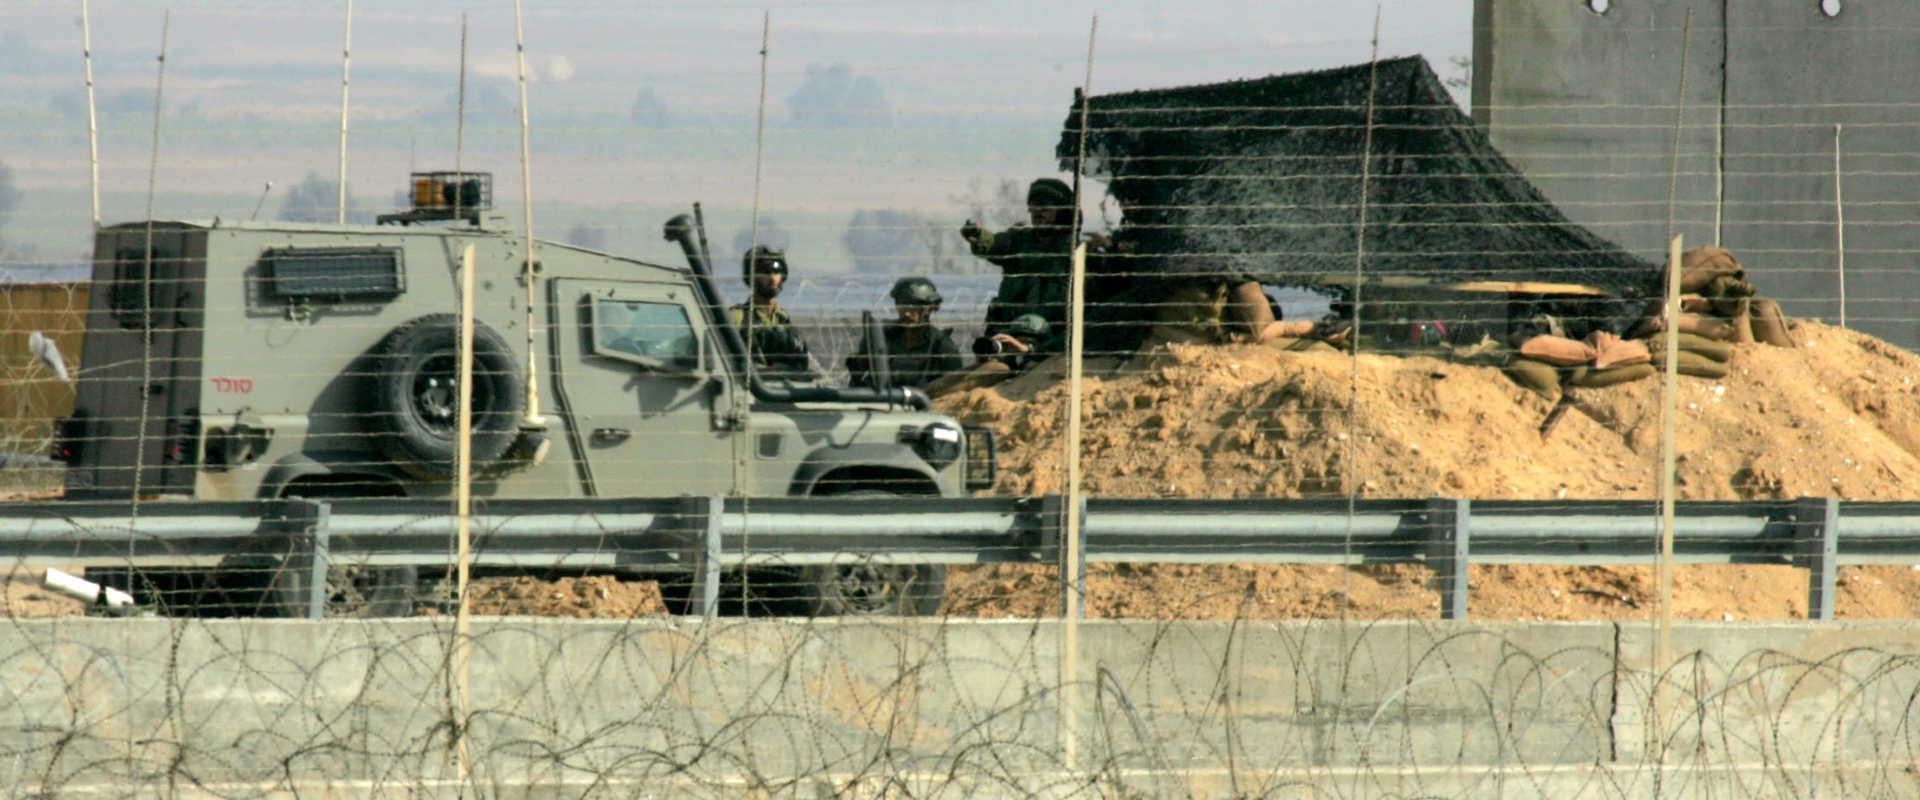 """כוח צה""""ל בגבול רצועת עזה, בחודש שעבר"""